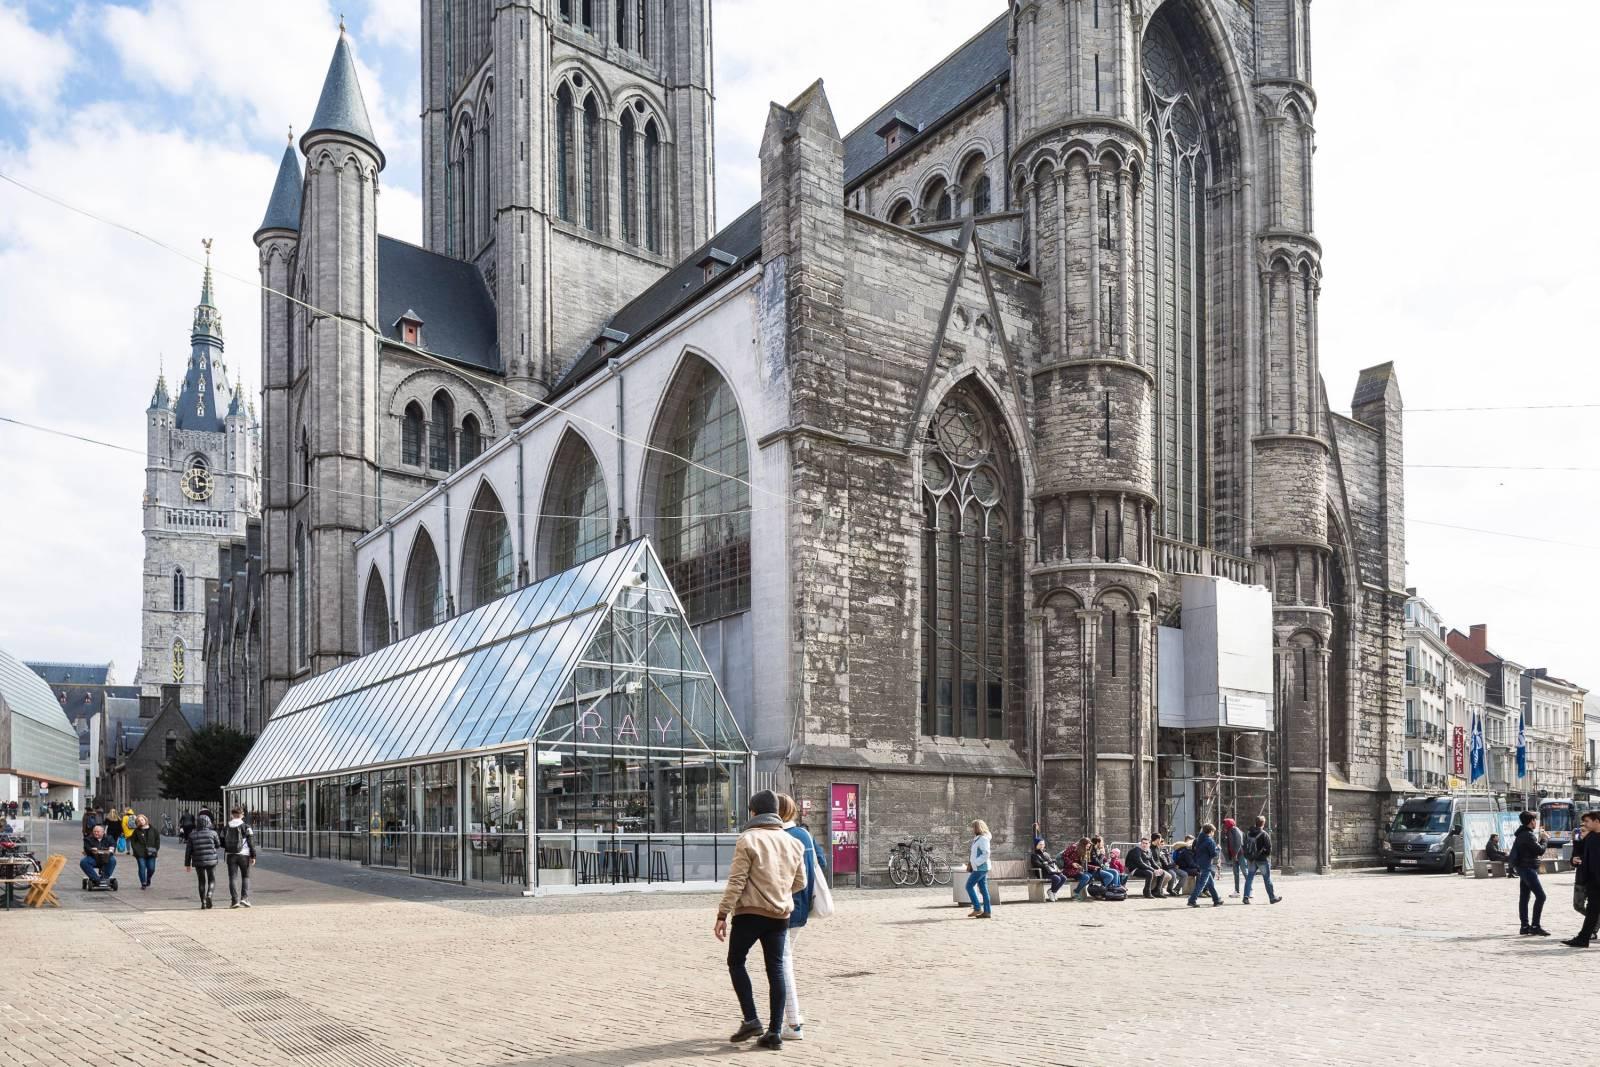 RAY - Feestzaal - Feestlocatie - Serre - Modern - Hip - Gent (Oost-Vlaanderen) - House of Events - 7